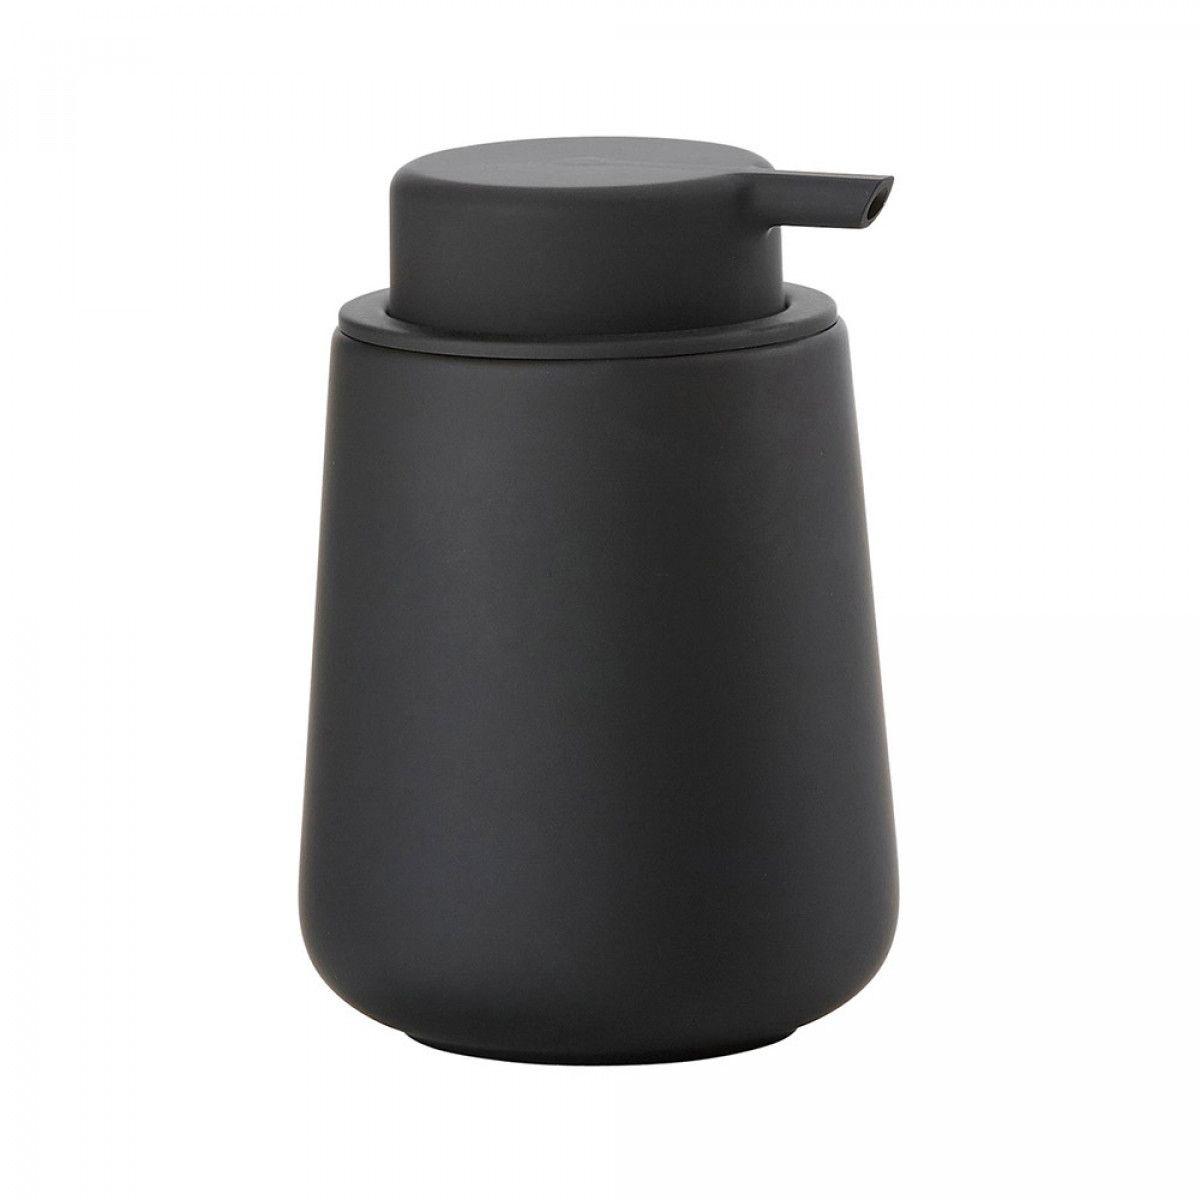 Zone Denmark Nova One Soap Dispenser Matte Black